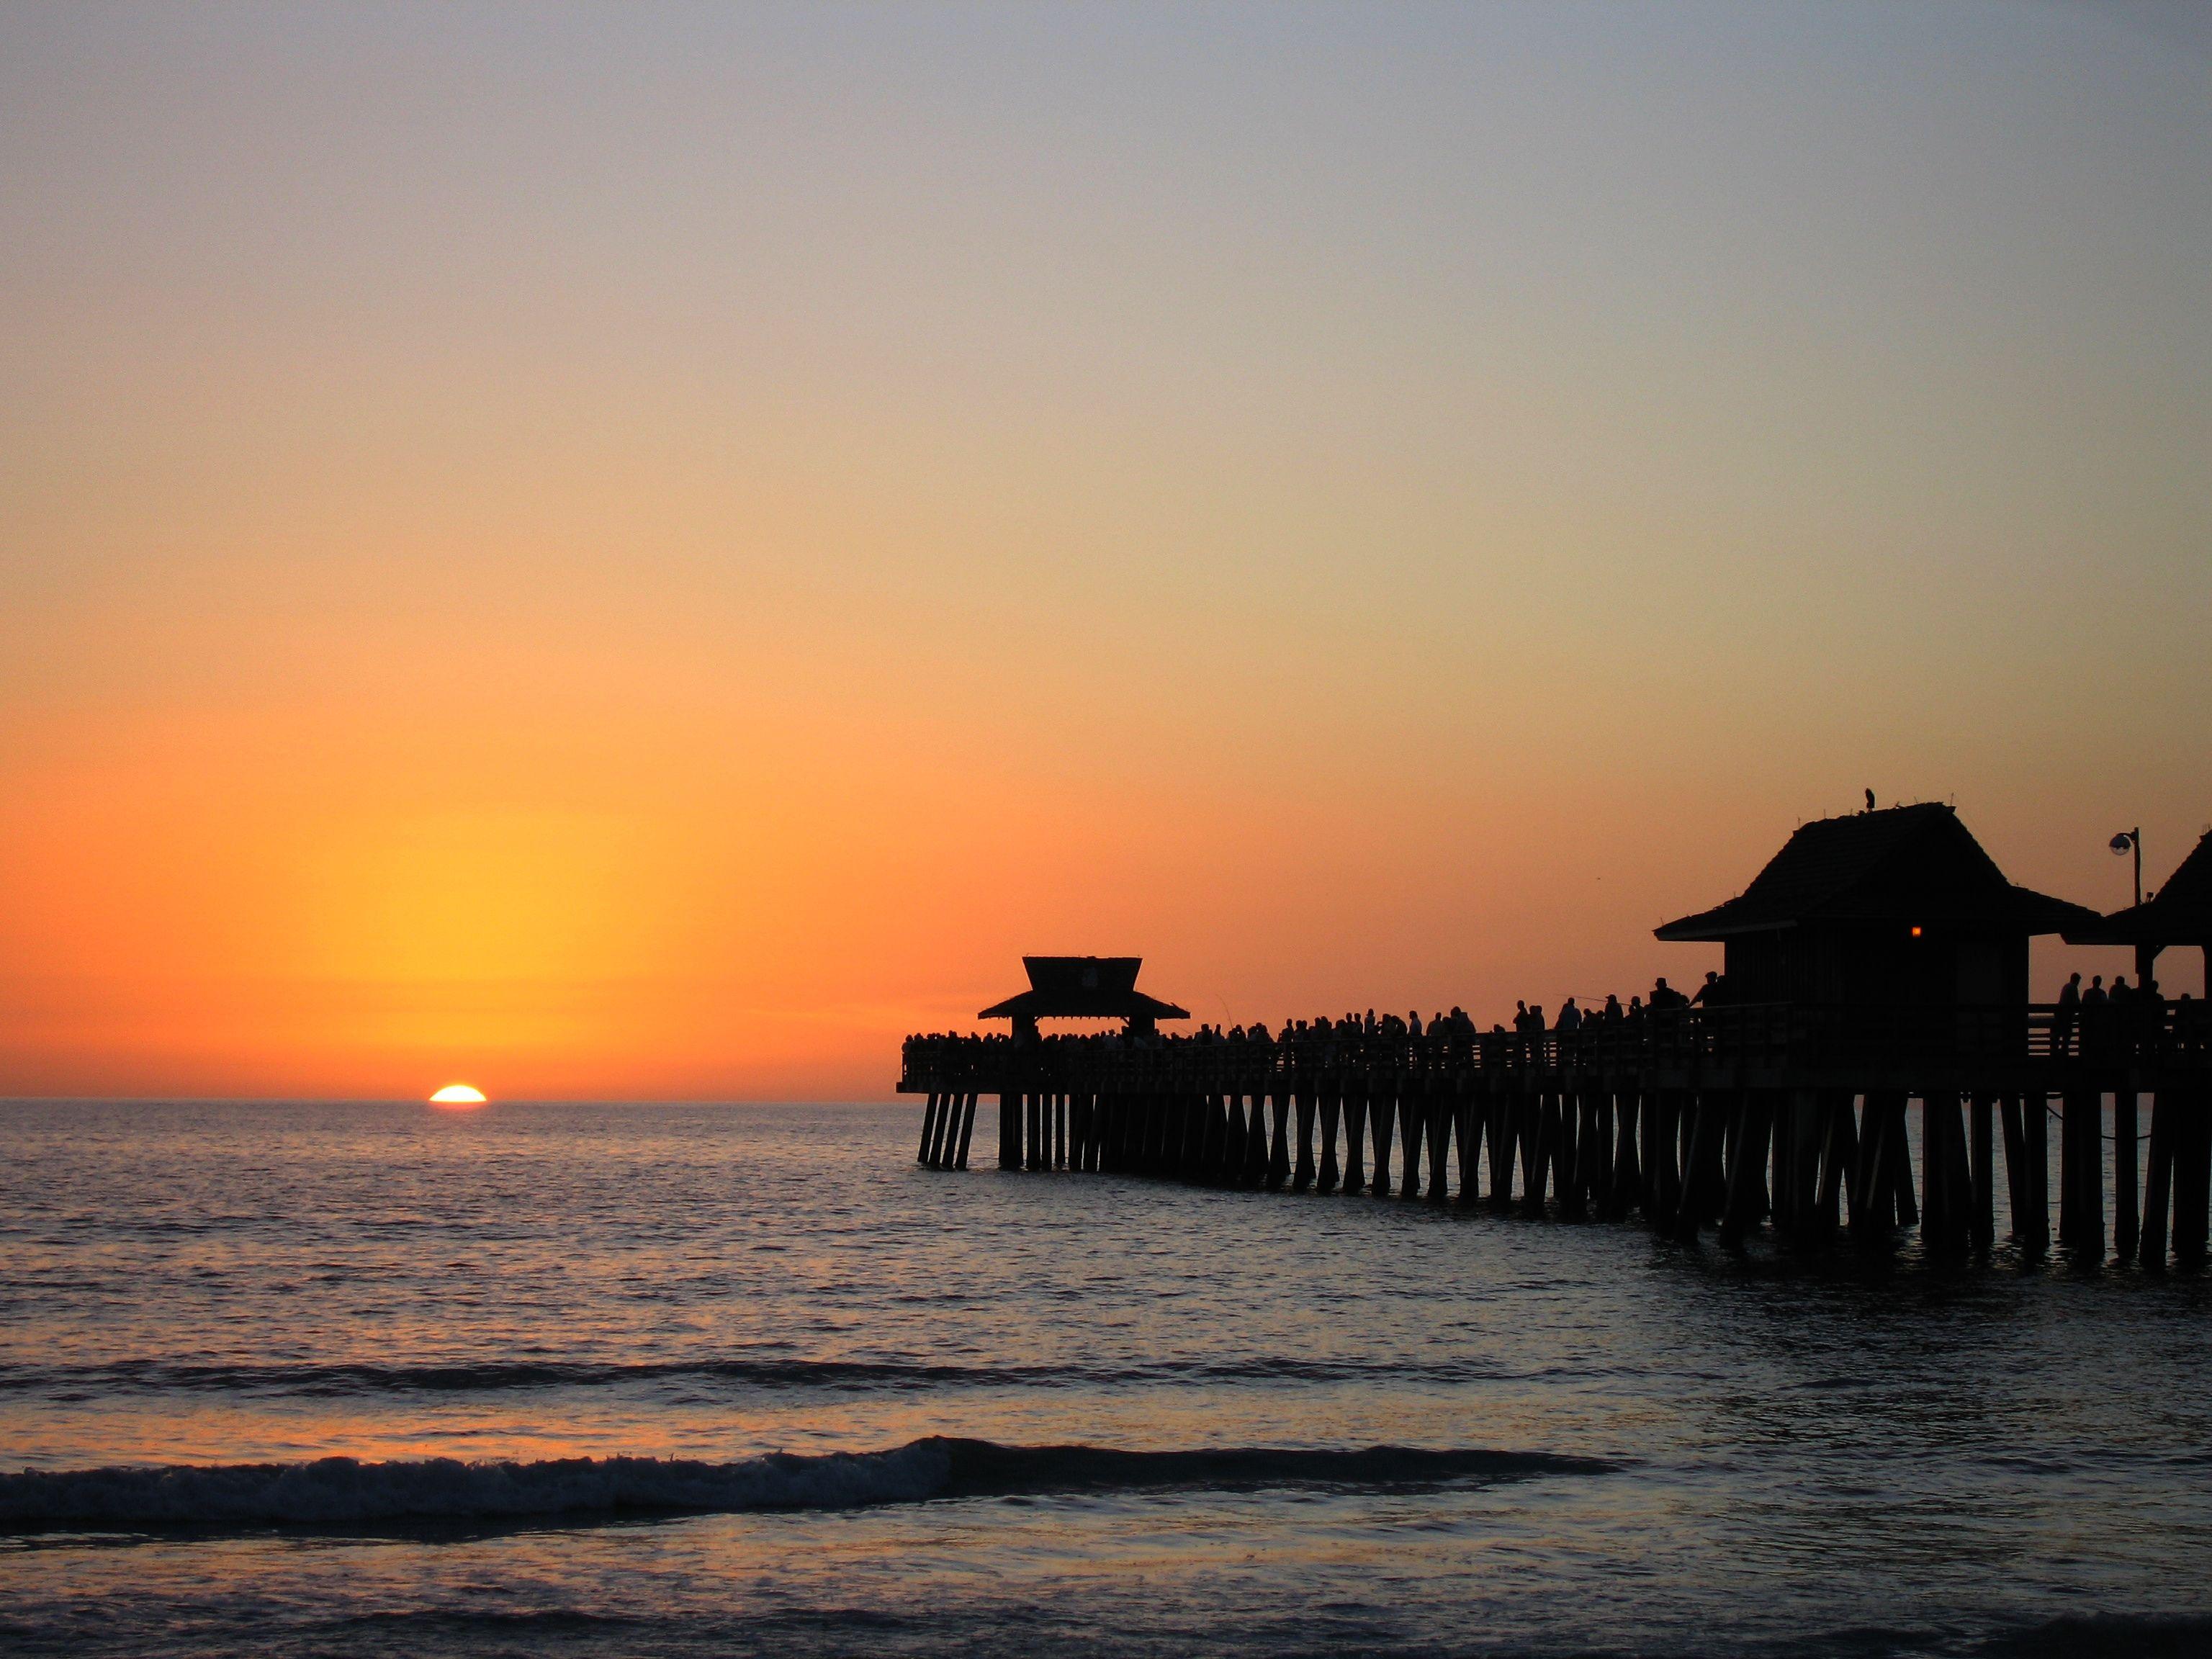 Naples, FL - Official Website - Naples Pier | Naples pier